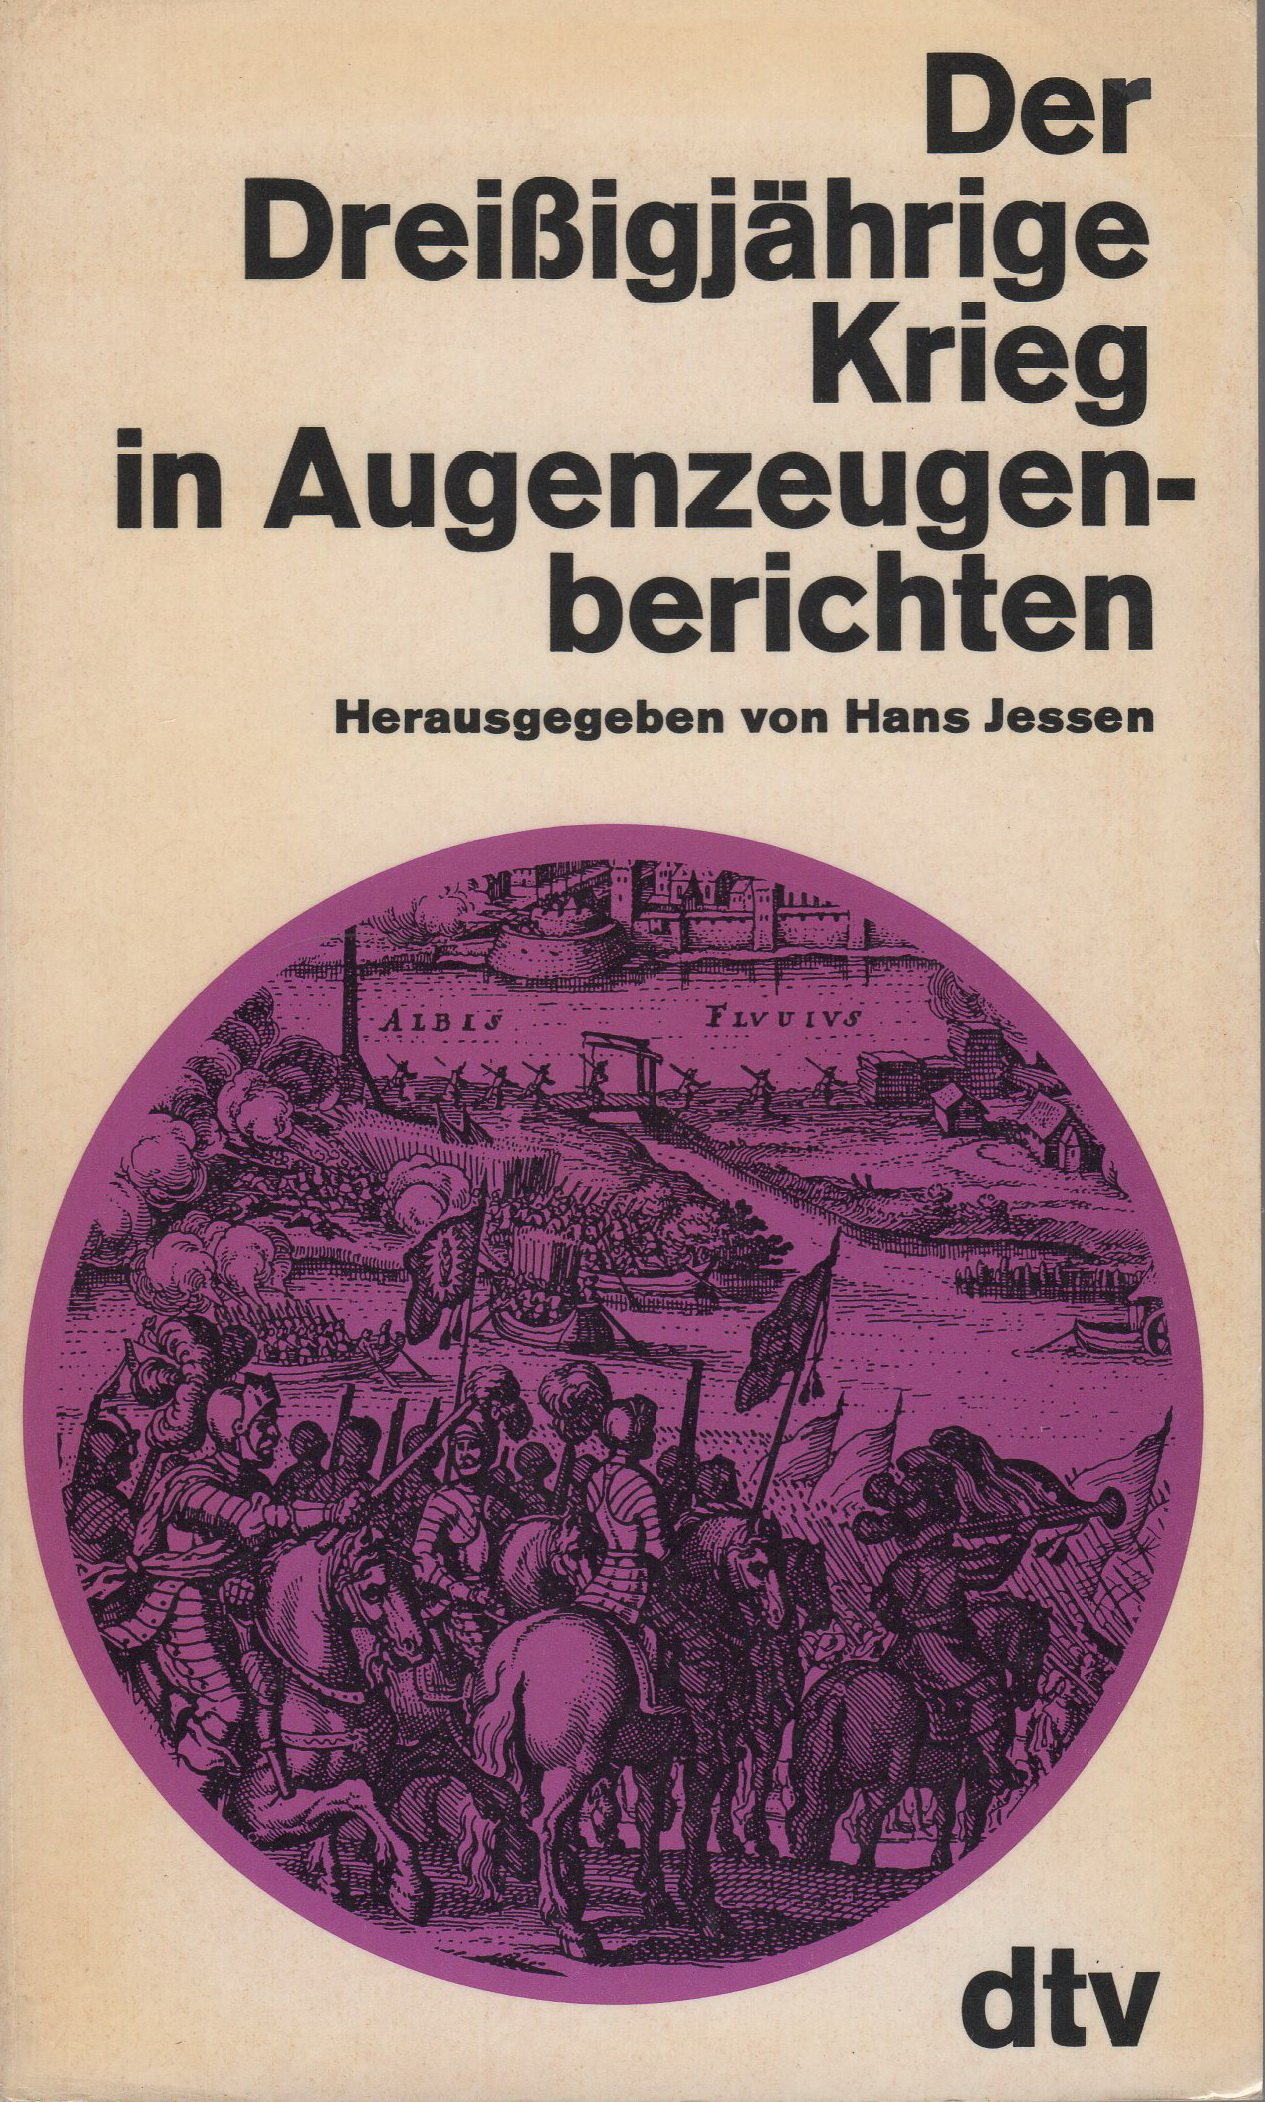 Der Dreißigjährige Krieg in Augenzeugenberichten.